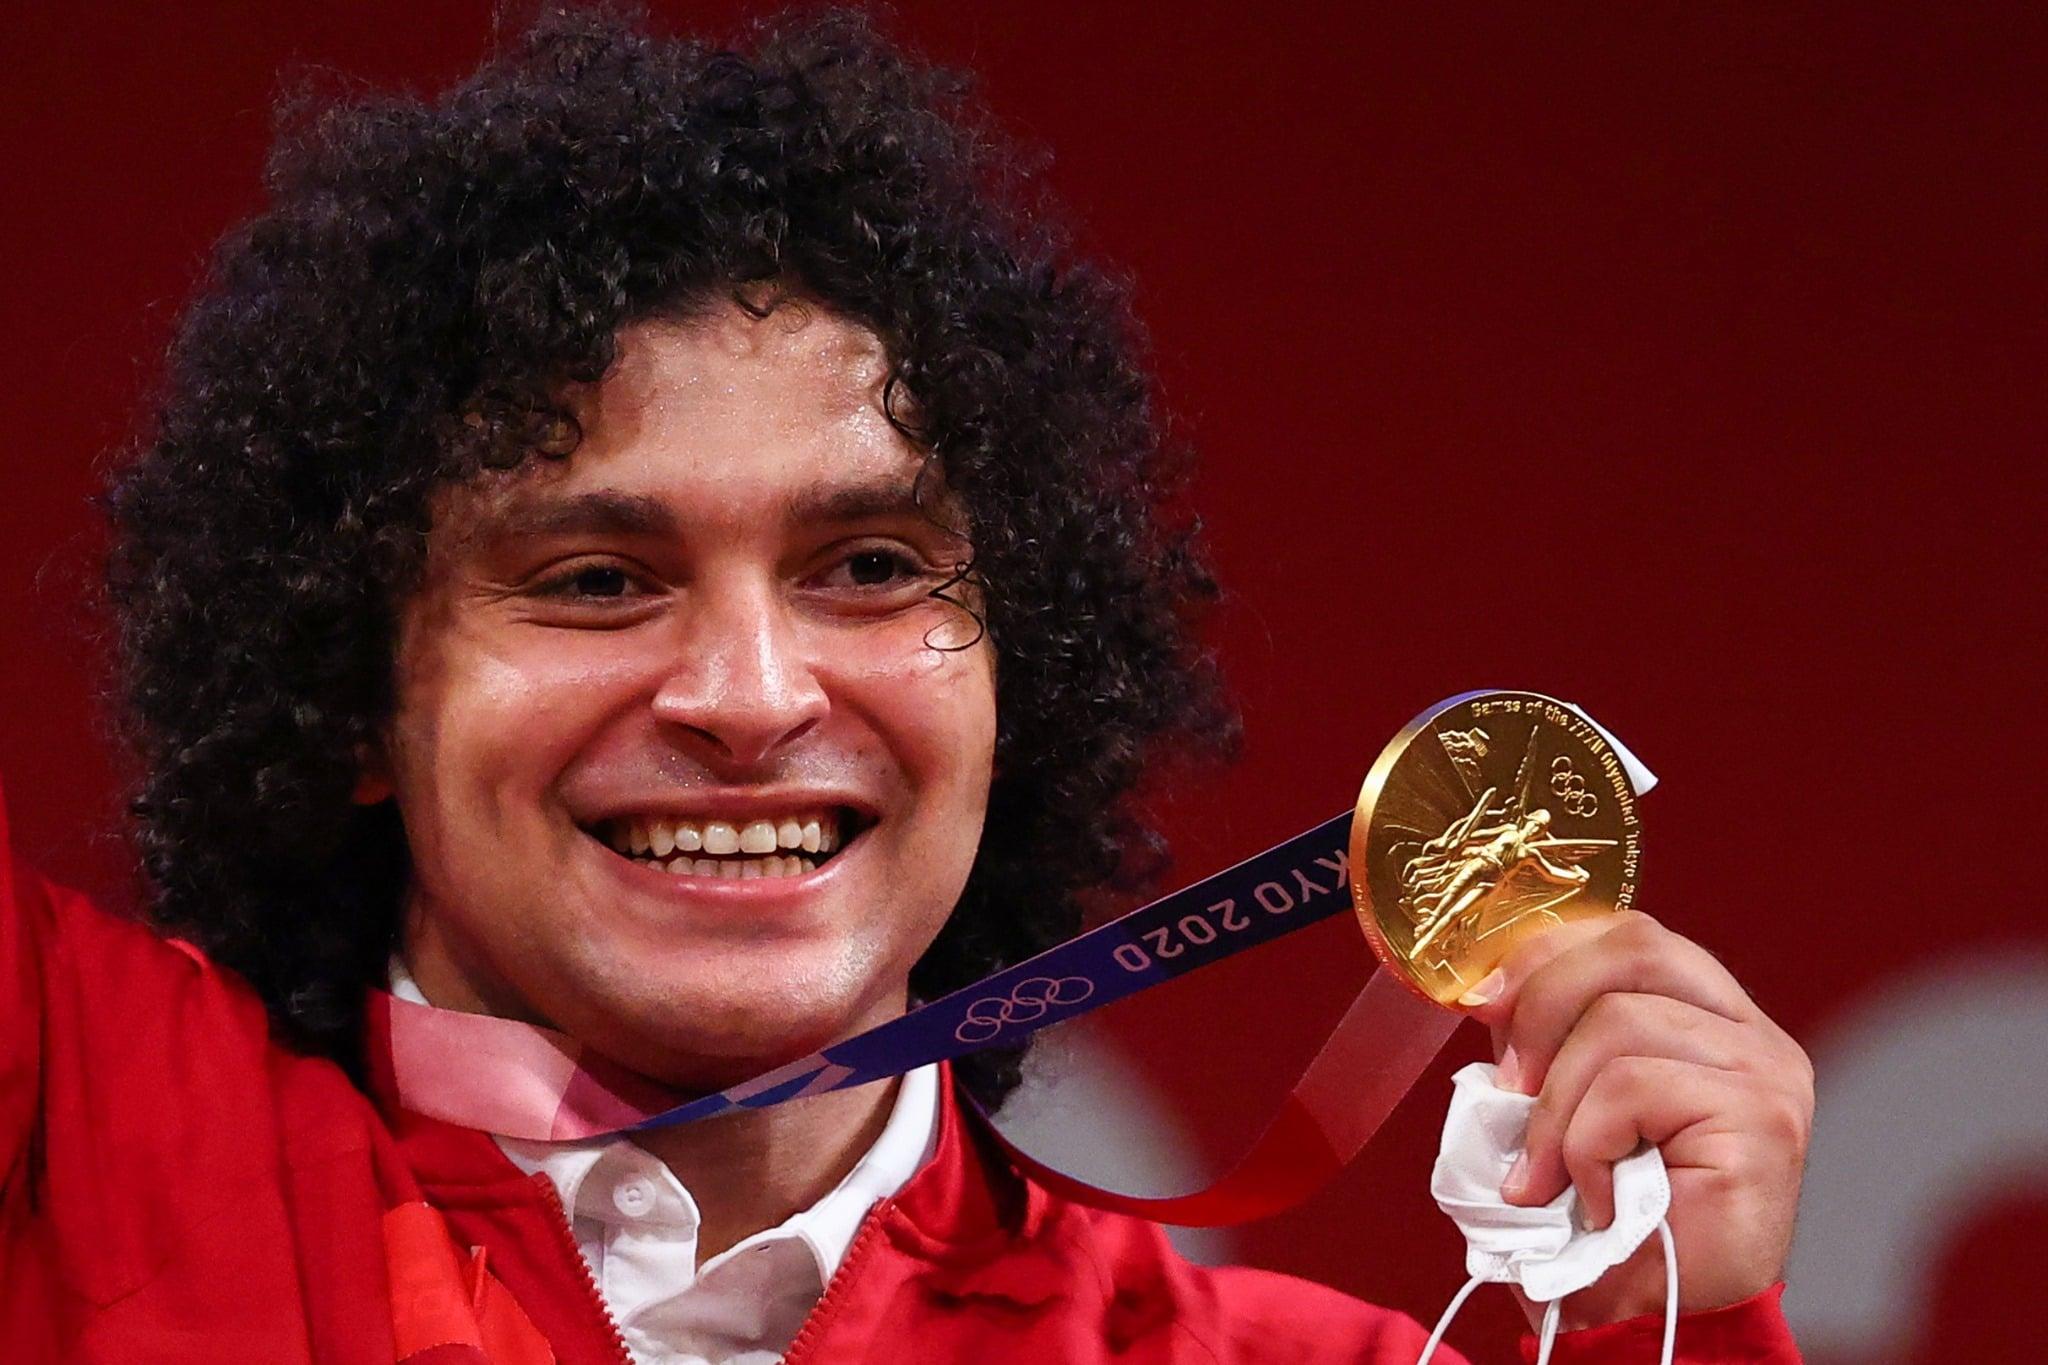 الرباع القطري فارس حسونة يتوج بالميدالية الذهبية في رفع الأثقال عن فئة 96 كيلوغراما